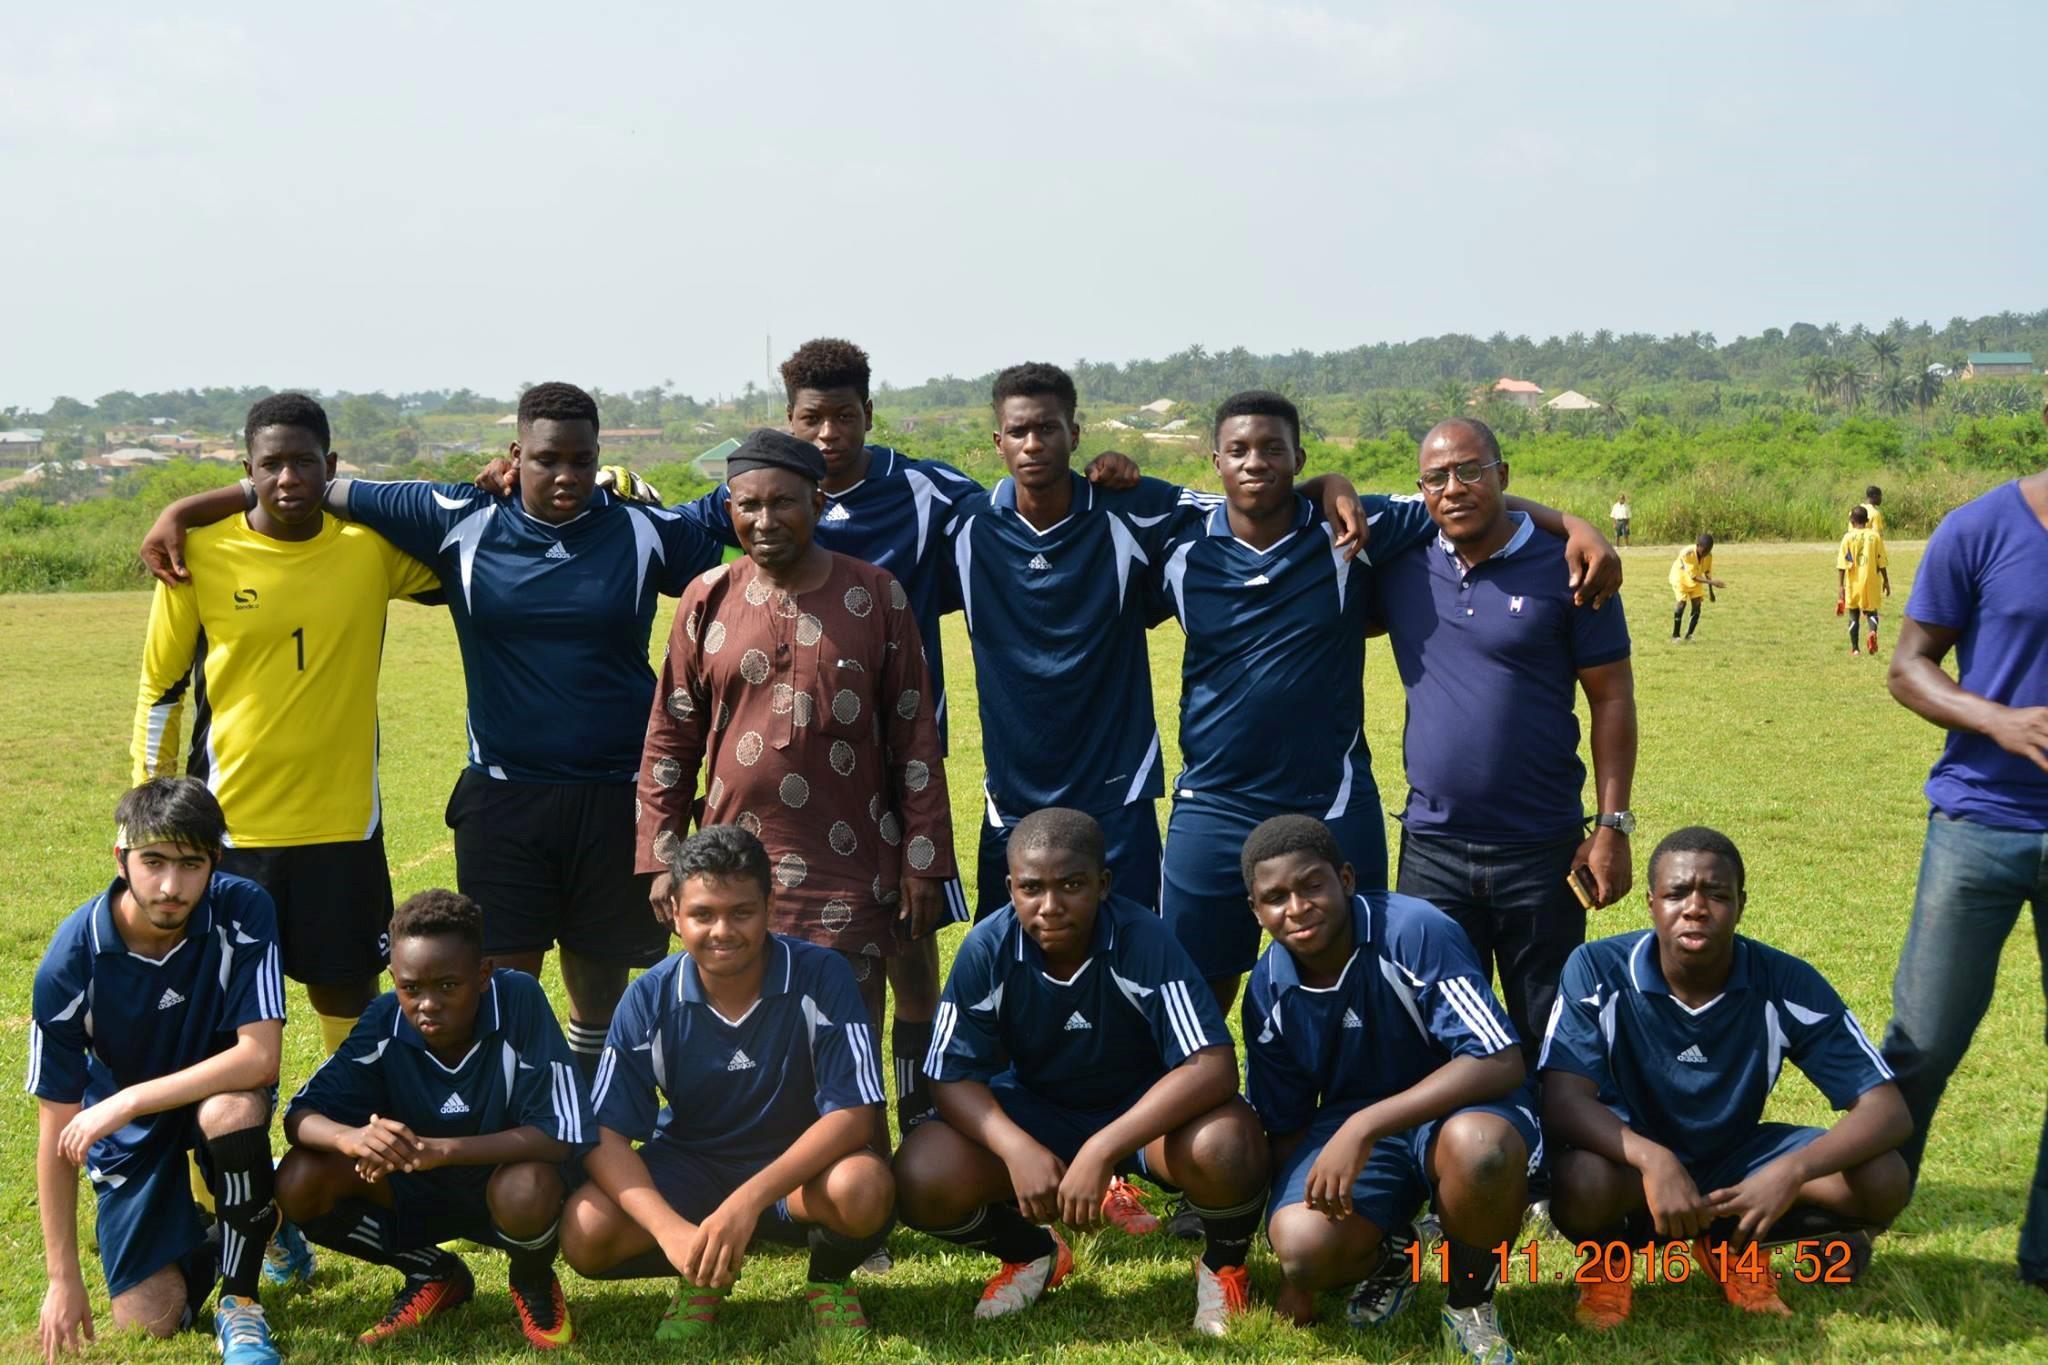 ACA Soccer team